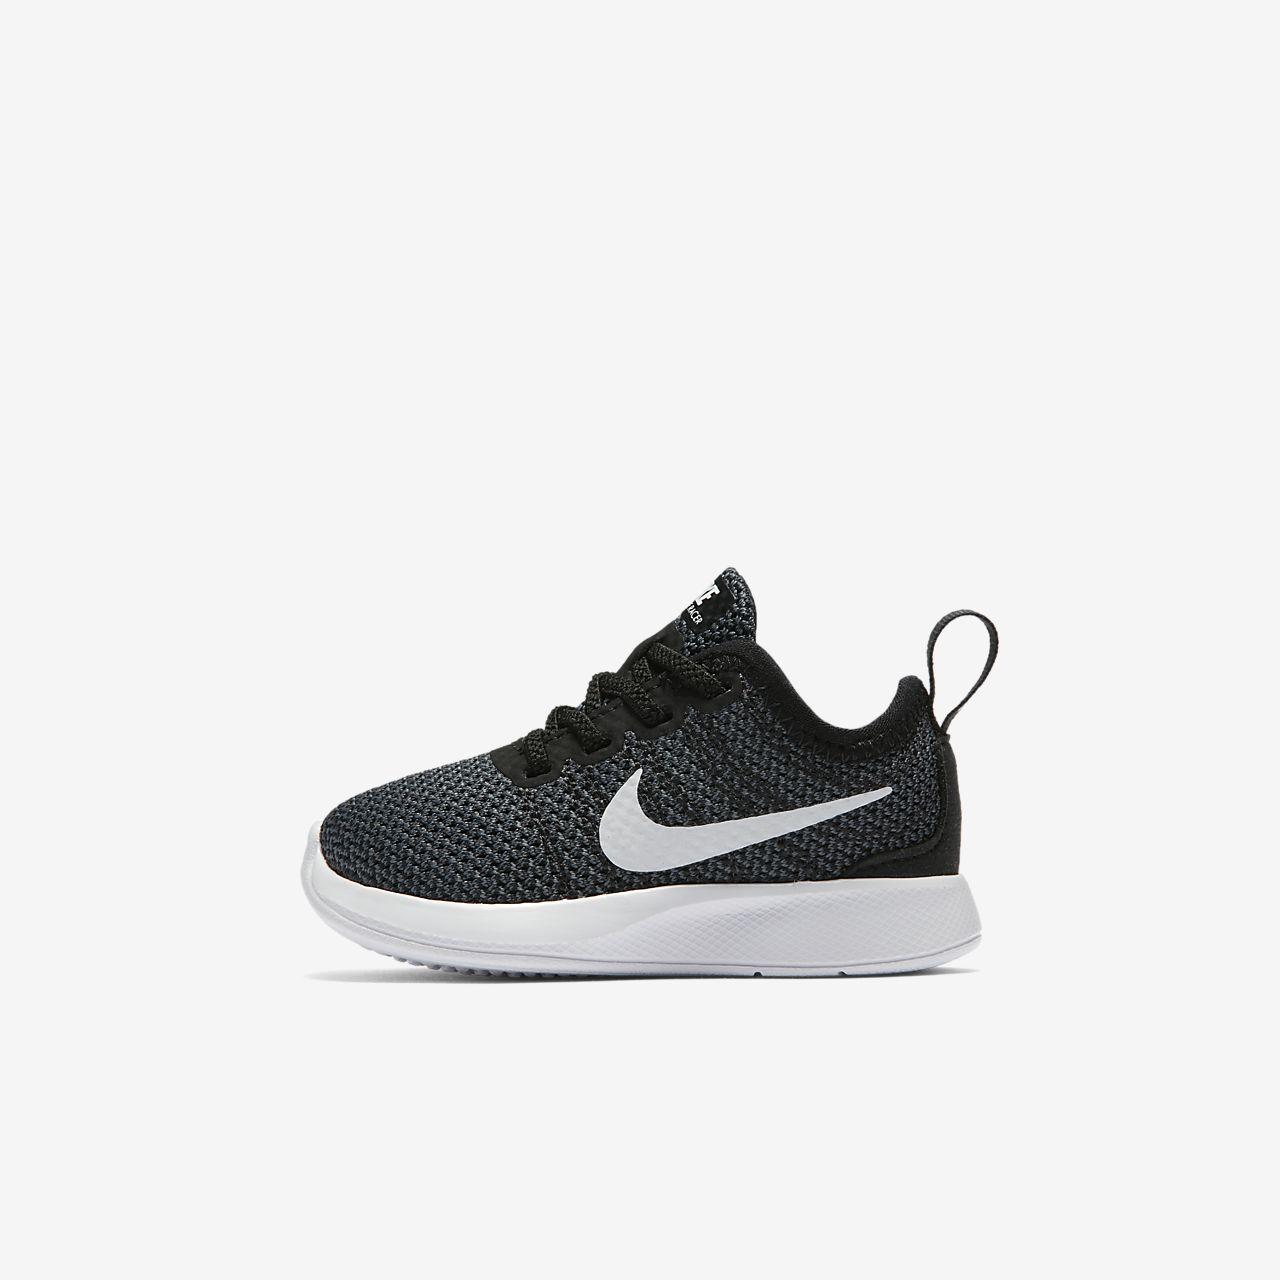 ... Nike Dualtone Racer Baby & Toddler Shoe